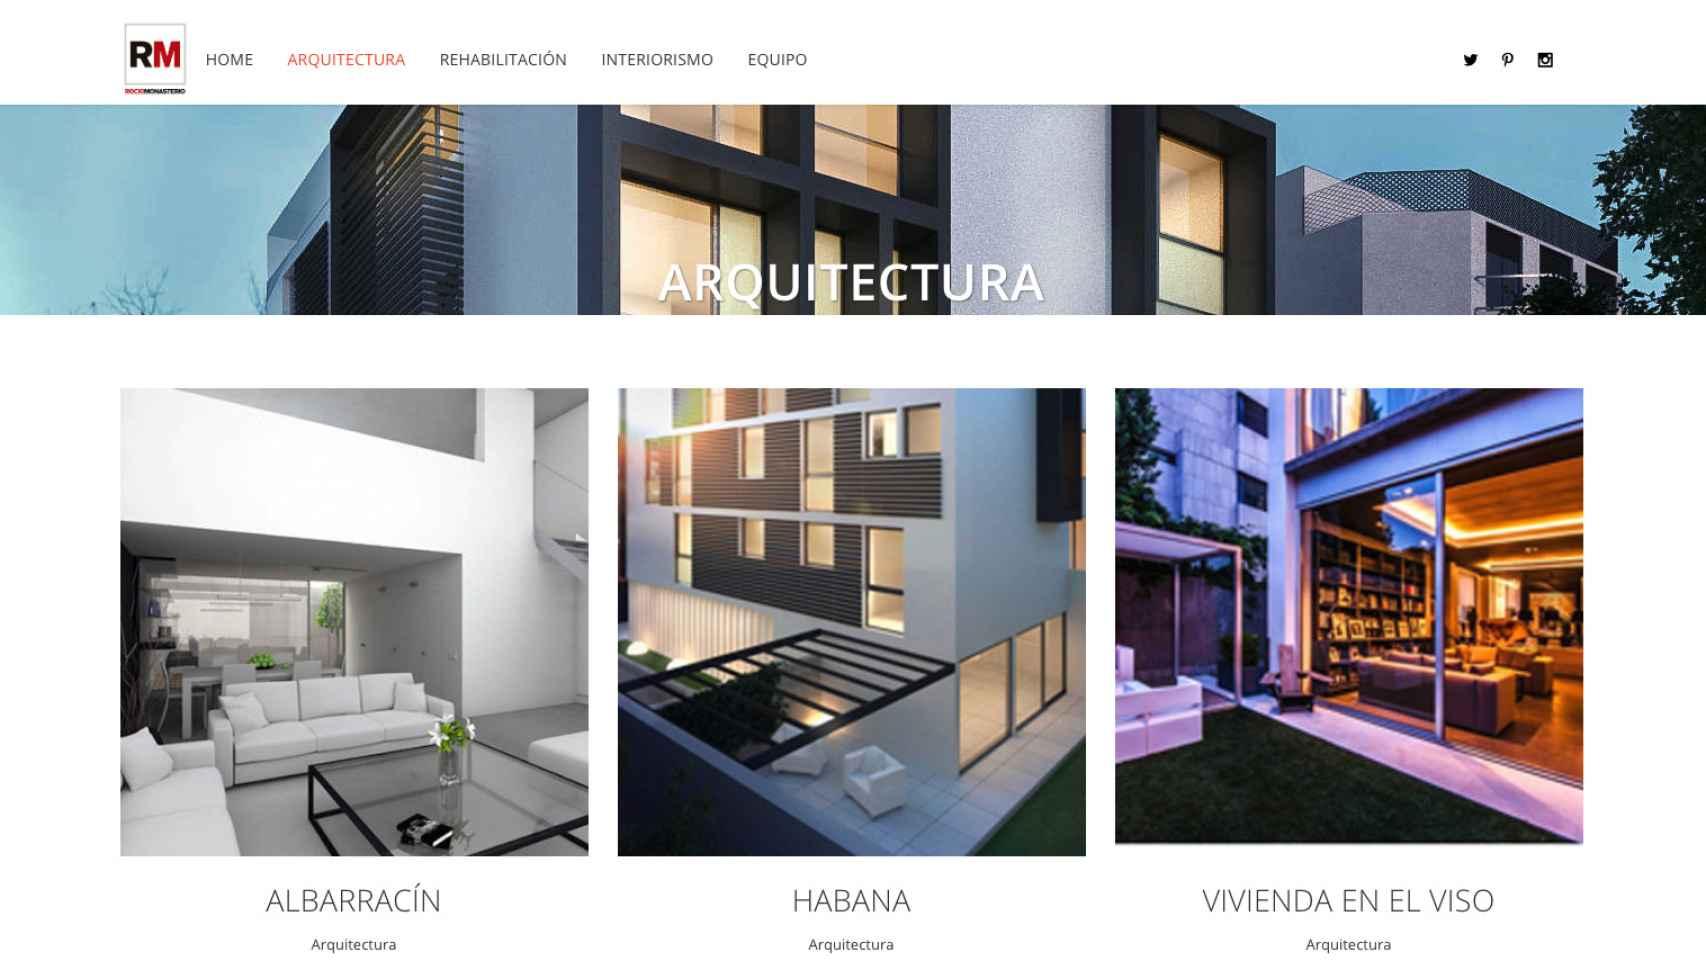 Proyectos de arquitectura de la web de Rocío Monasterio que han sido eliminados de su web.